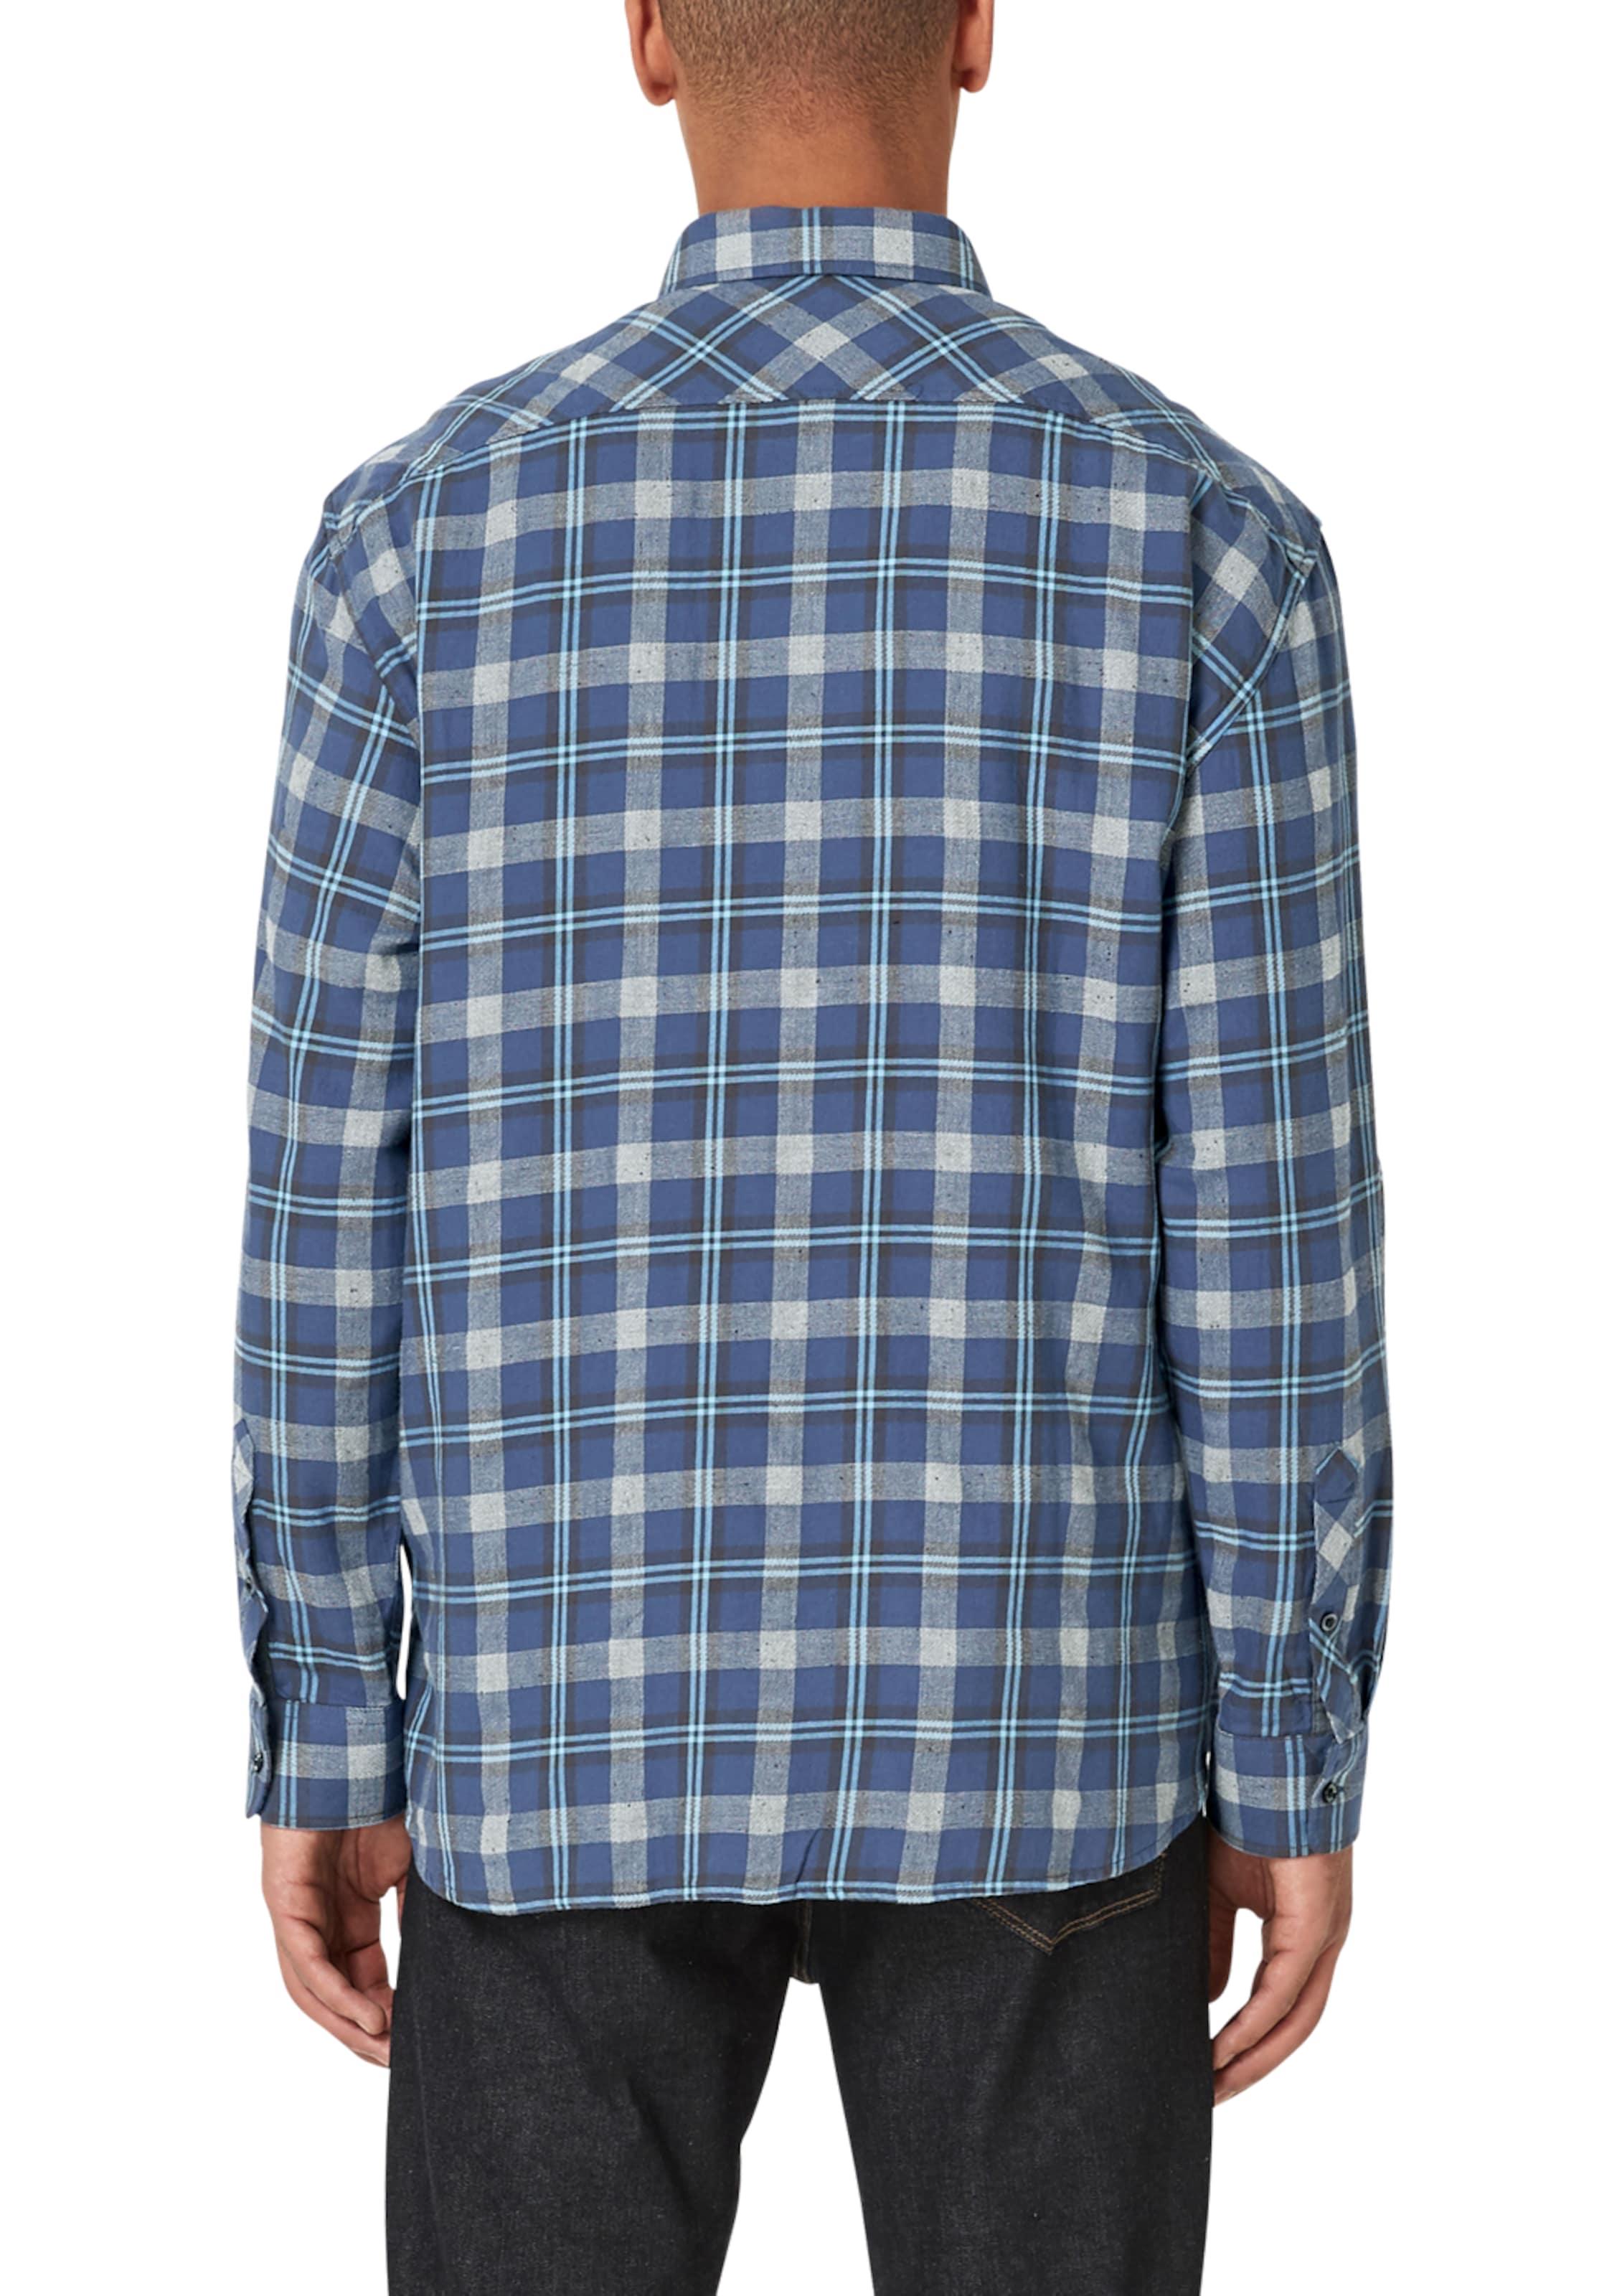 Graumeliert RoyalblauHellblau oliver Hemd In S Label Red T3lK1FcJ